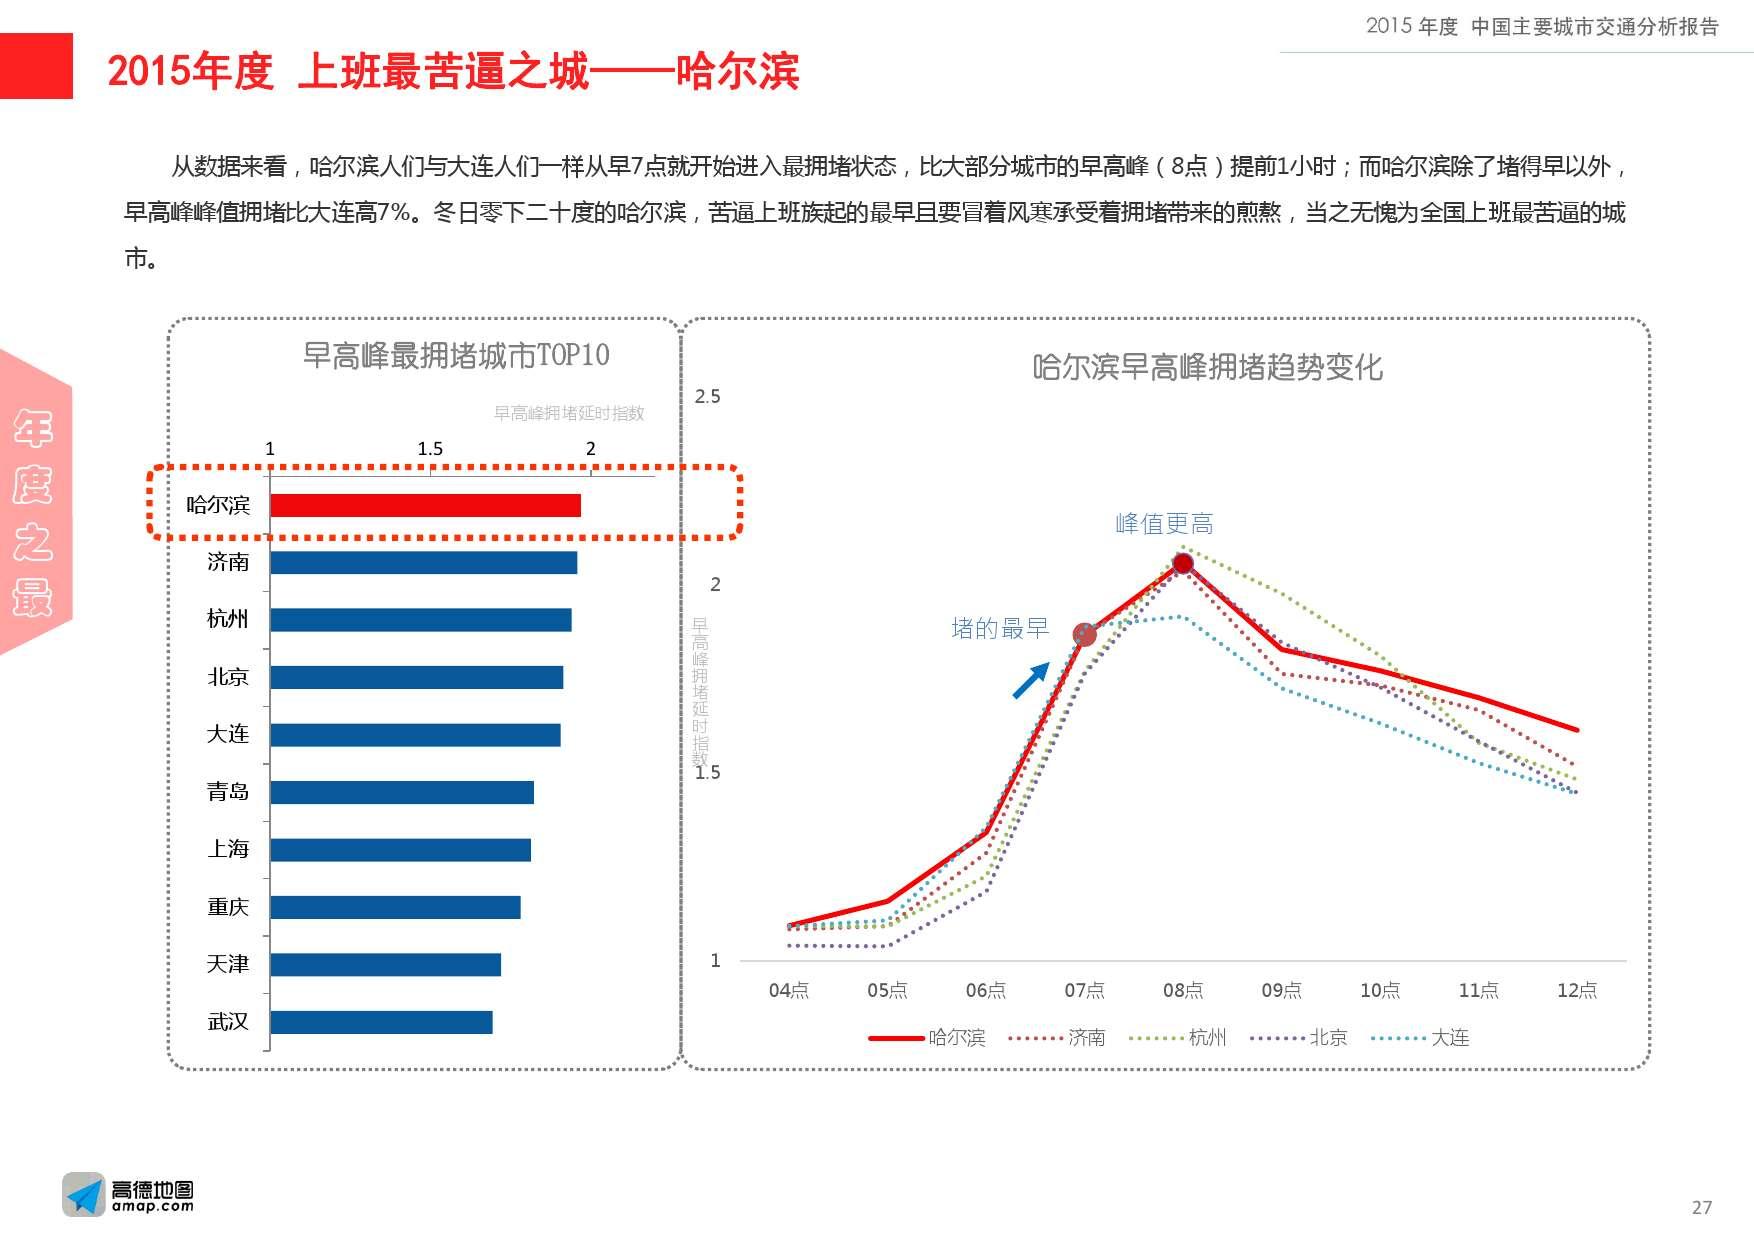 2015年度中国主要城市交通分析报告-final_000027